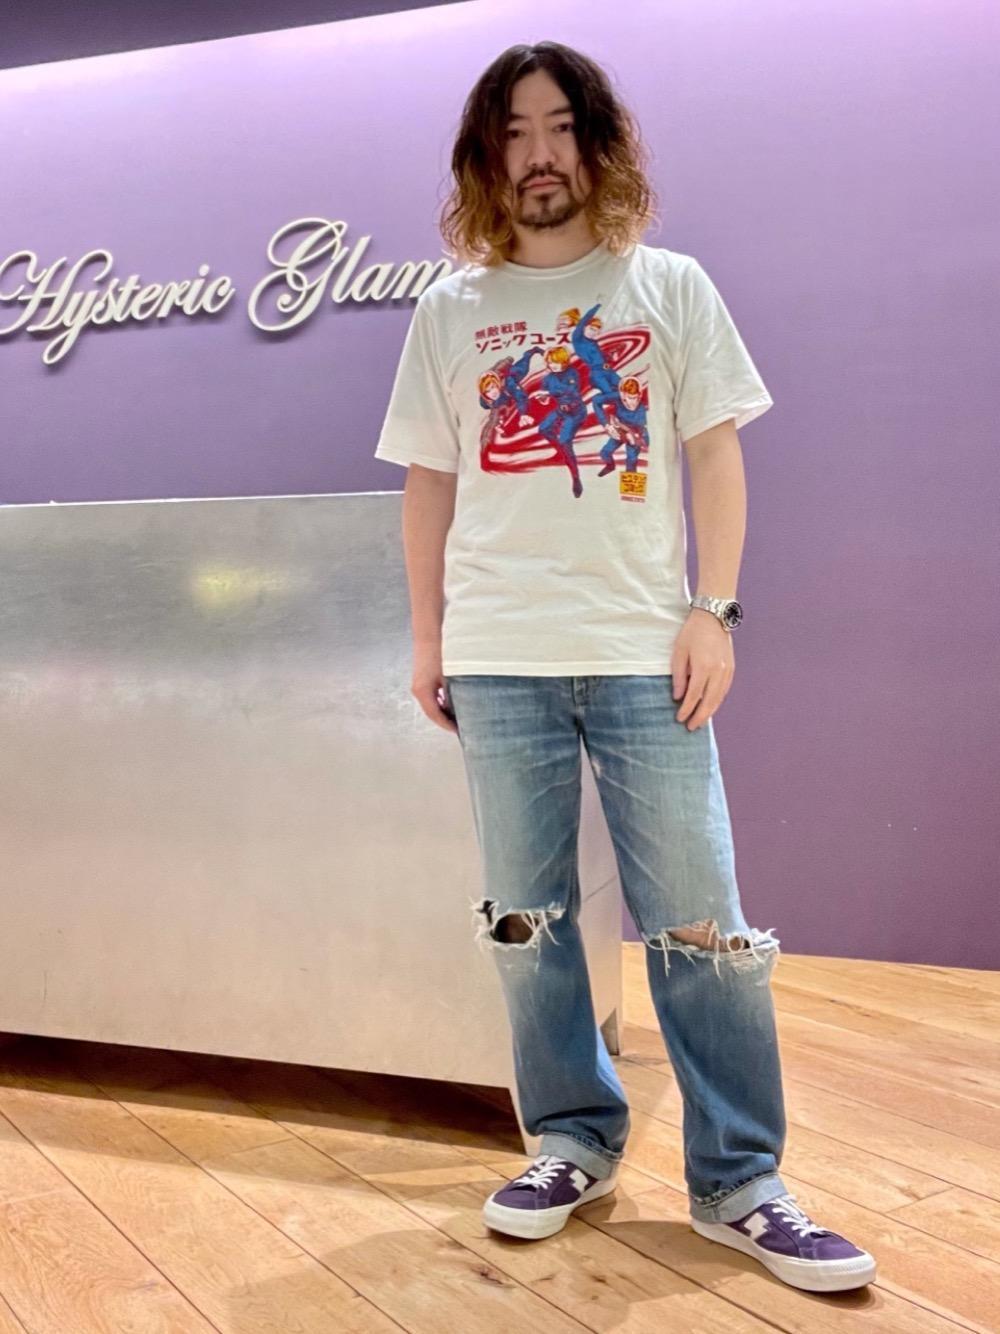 ヒステリックグラマーバンドTシャツ